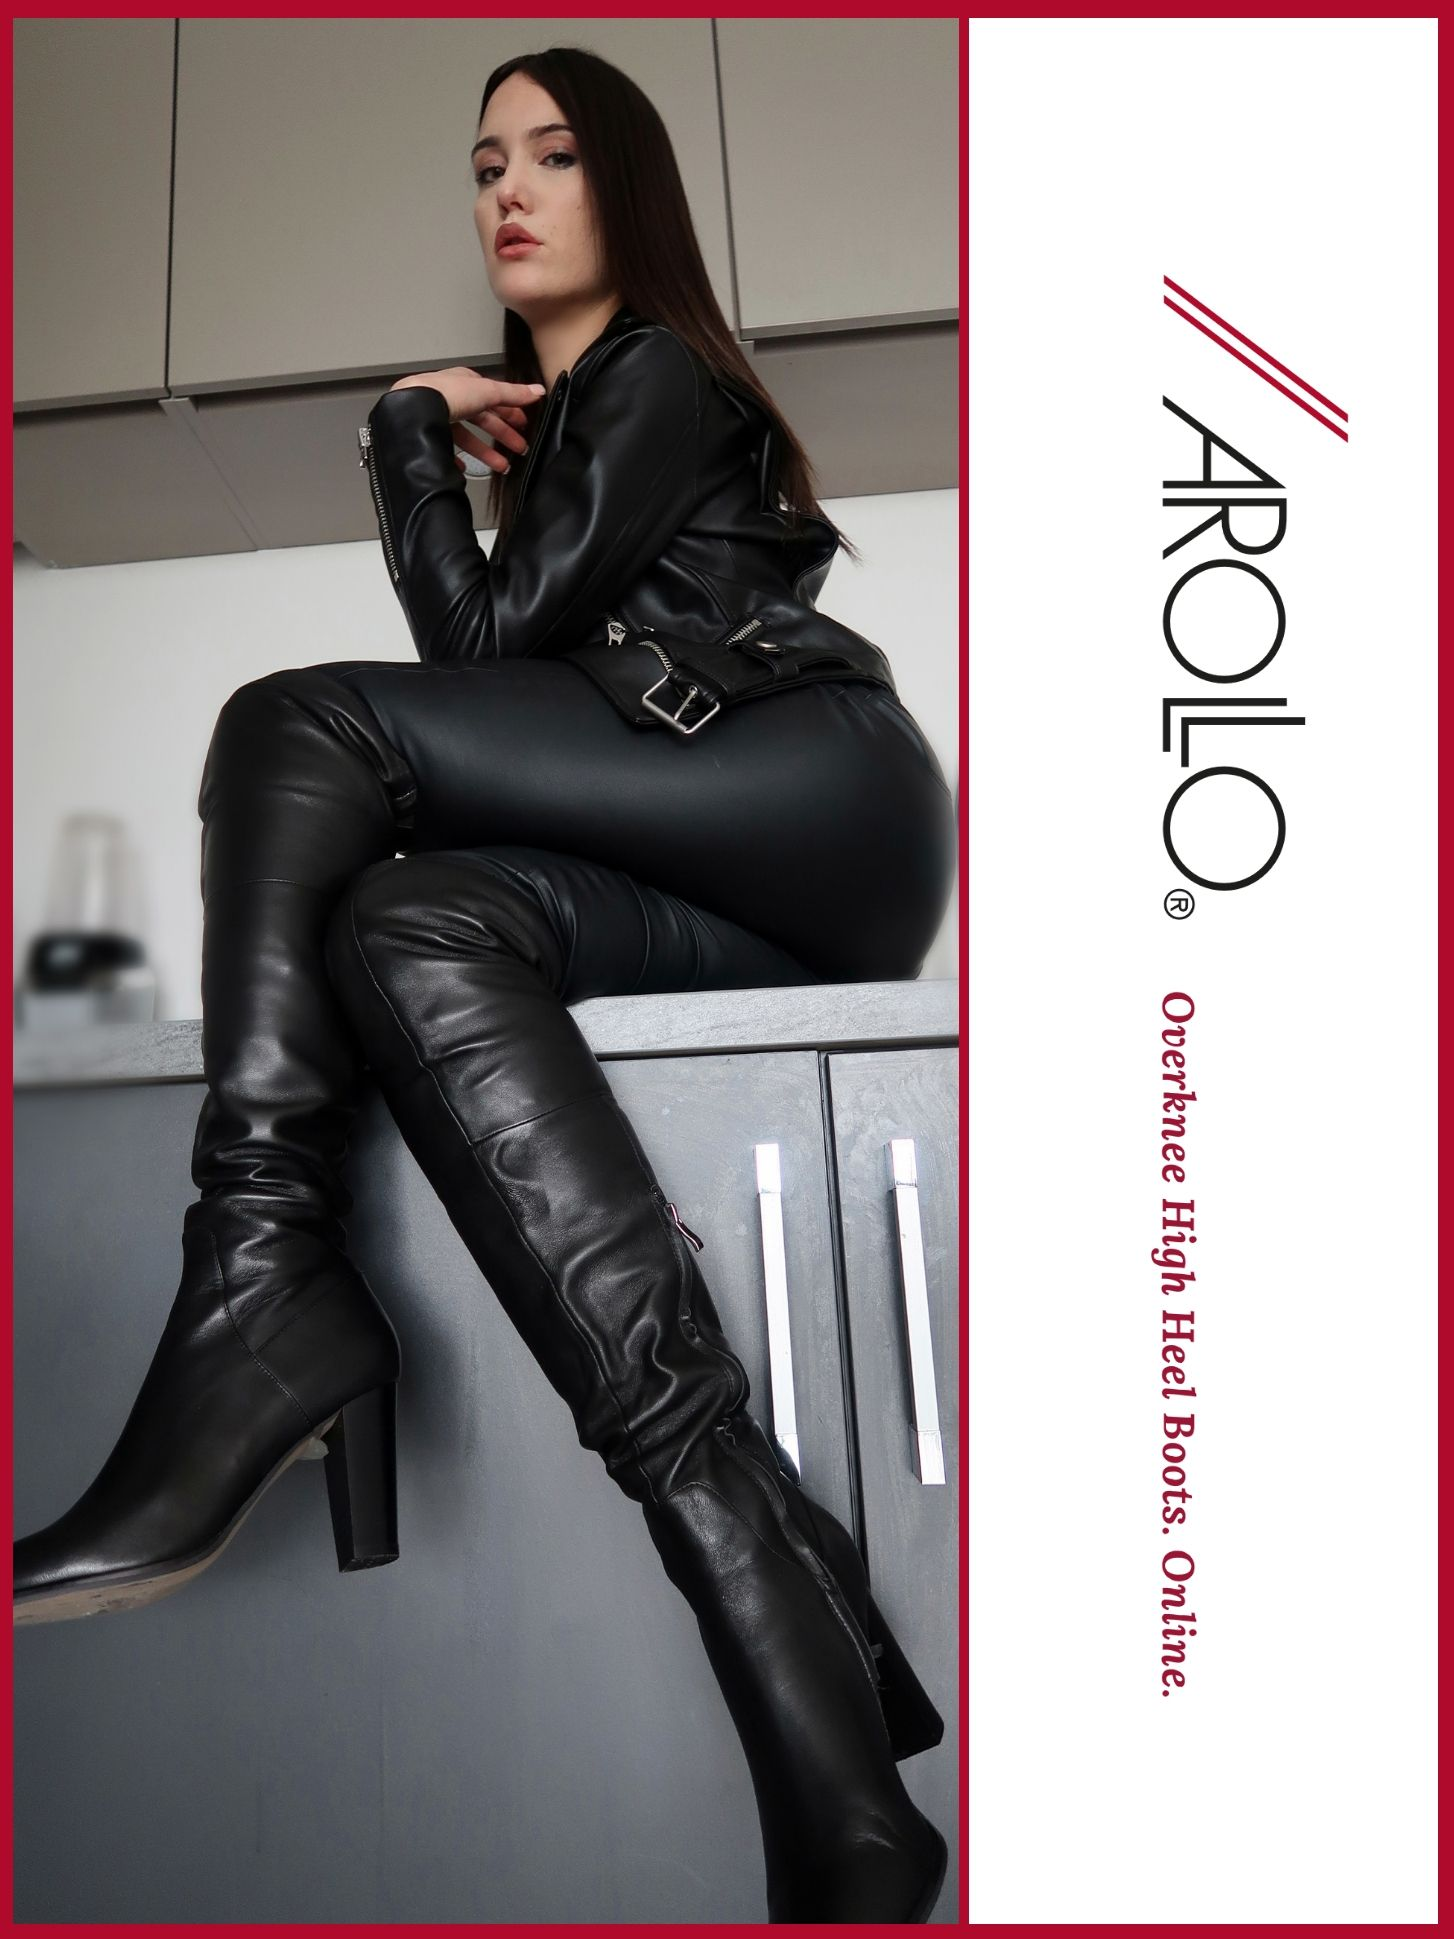 AROLLO Overknee Stiefel – gemacht für Tag und Nacht | AROLLO